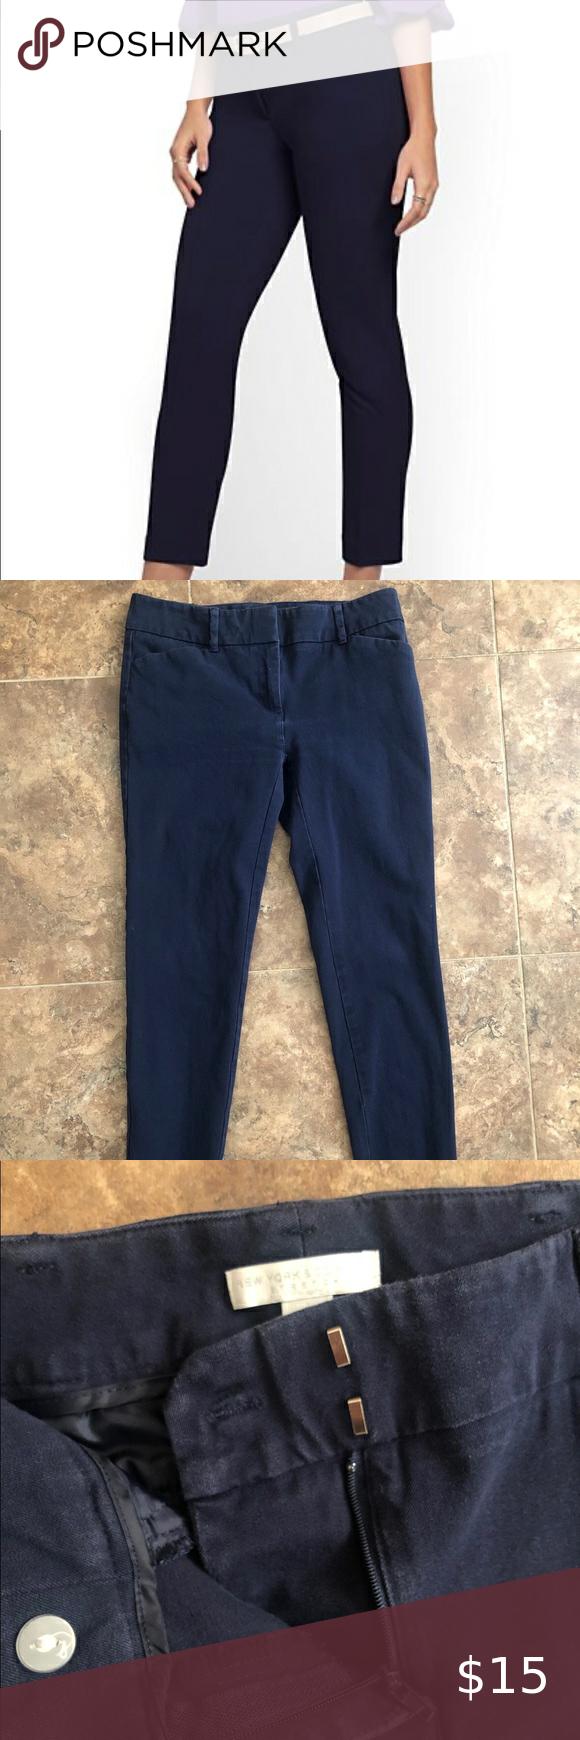 Hook And Bar Closure For Pants : closure, pants, NY&Co, Ankle, Pants, Front, Double, Hook-and-bar, Closure., Loops., Slash, Pockets, Pocket., Pants,